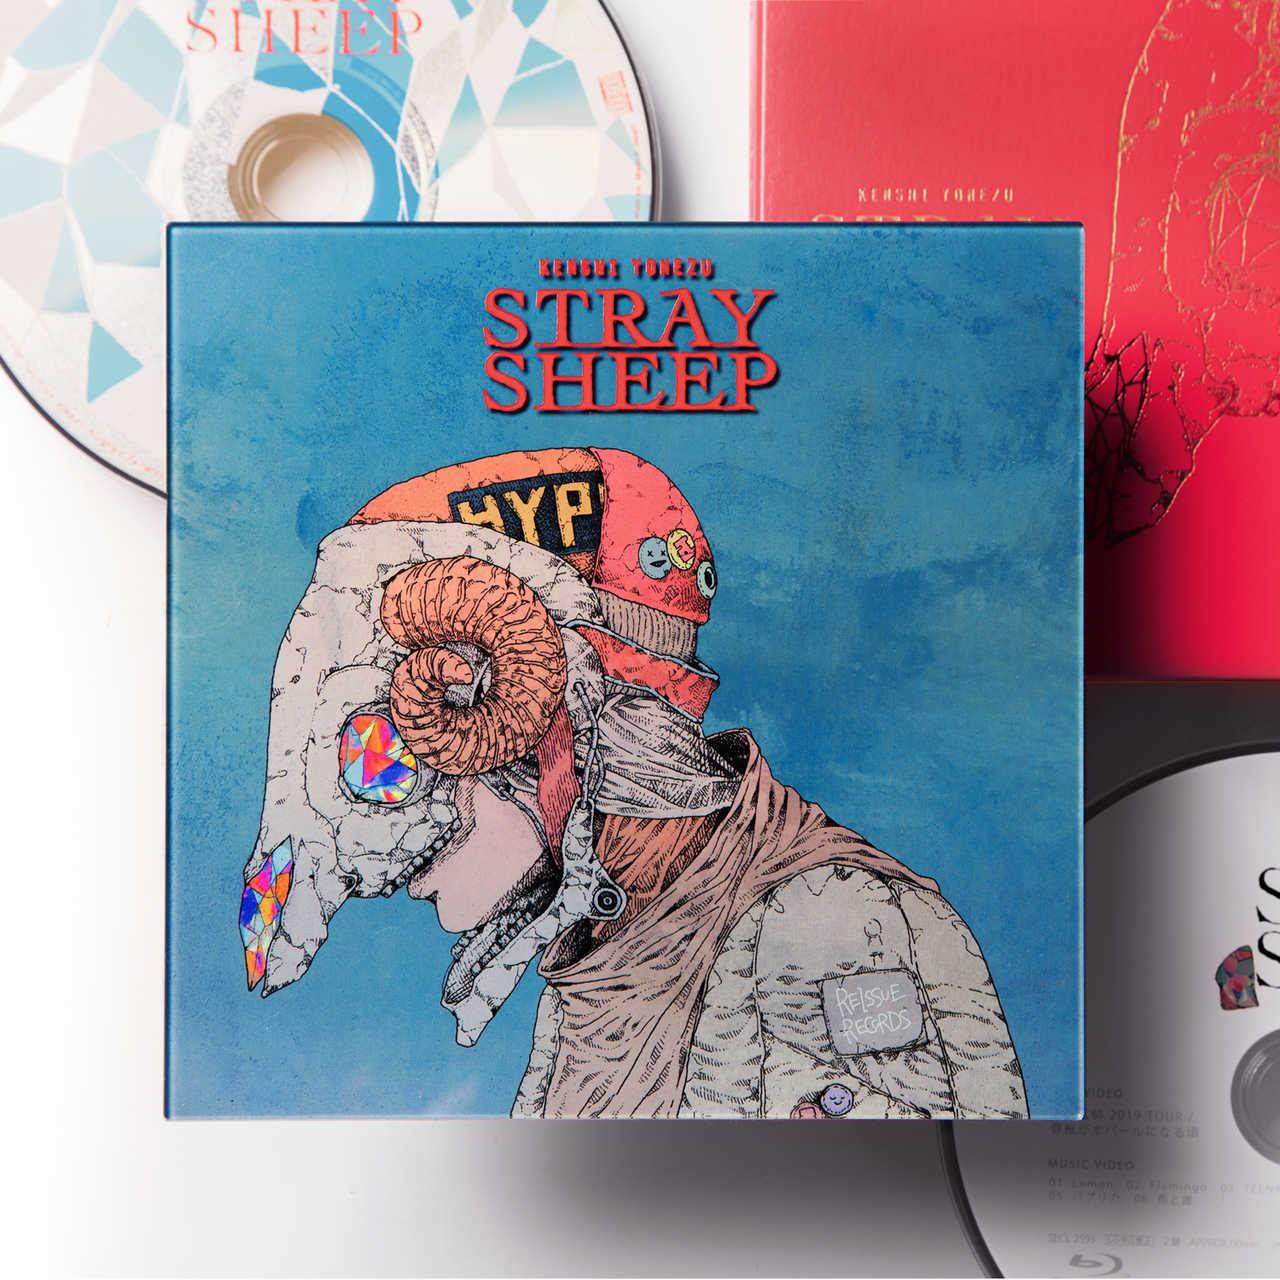 アルバム『STRAY SHEEP』【アートブック盤(初回限定)】(CD+Blu-ray+アートブック)